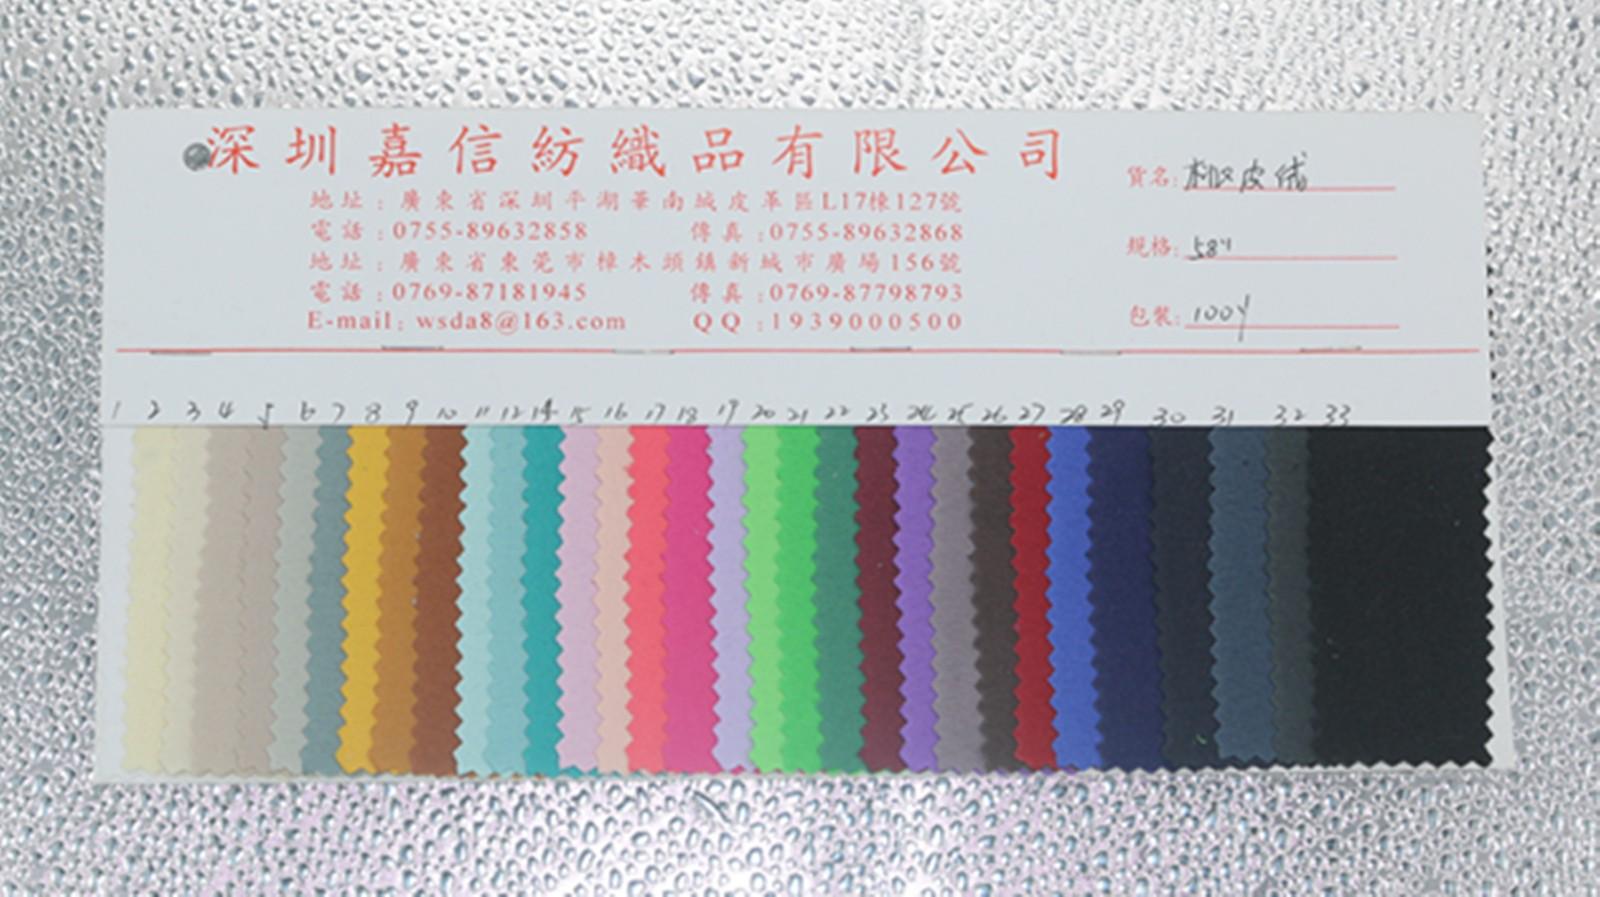 新款涤纶斜纹桃皮绒 儿童抱枕口袋面料 环保染色图片十二